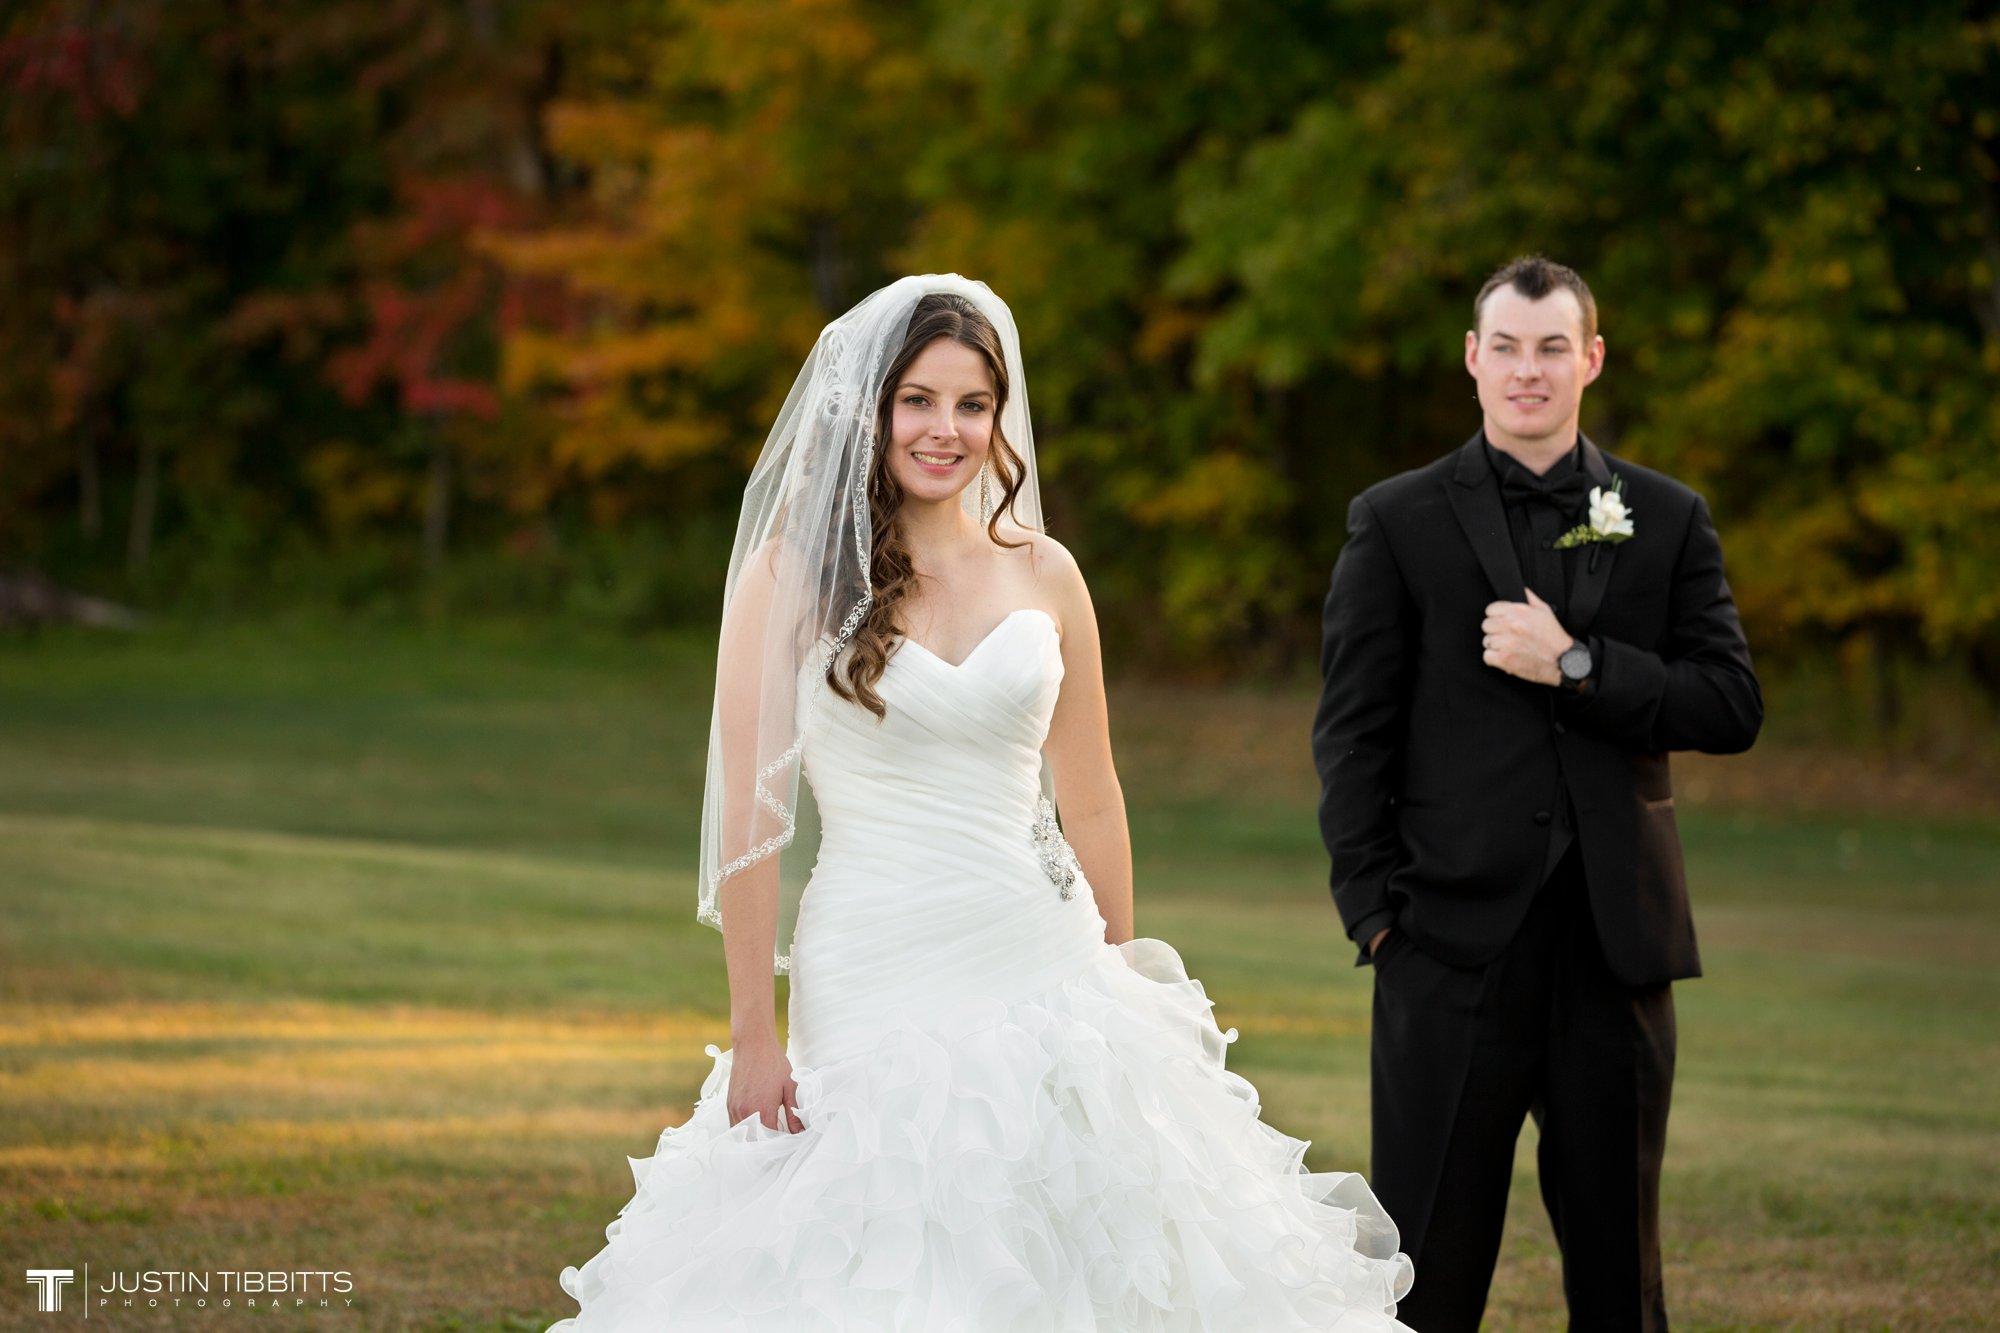 Albany NY Wedding Photographer Justin Tibbitts Photography 2014 Best of Albany NY Weddings-194126127